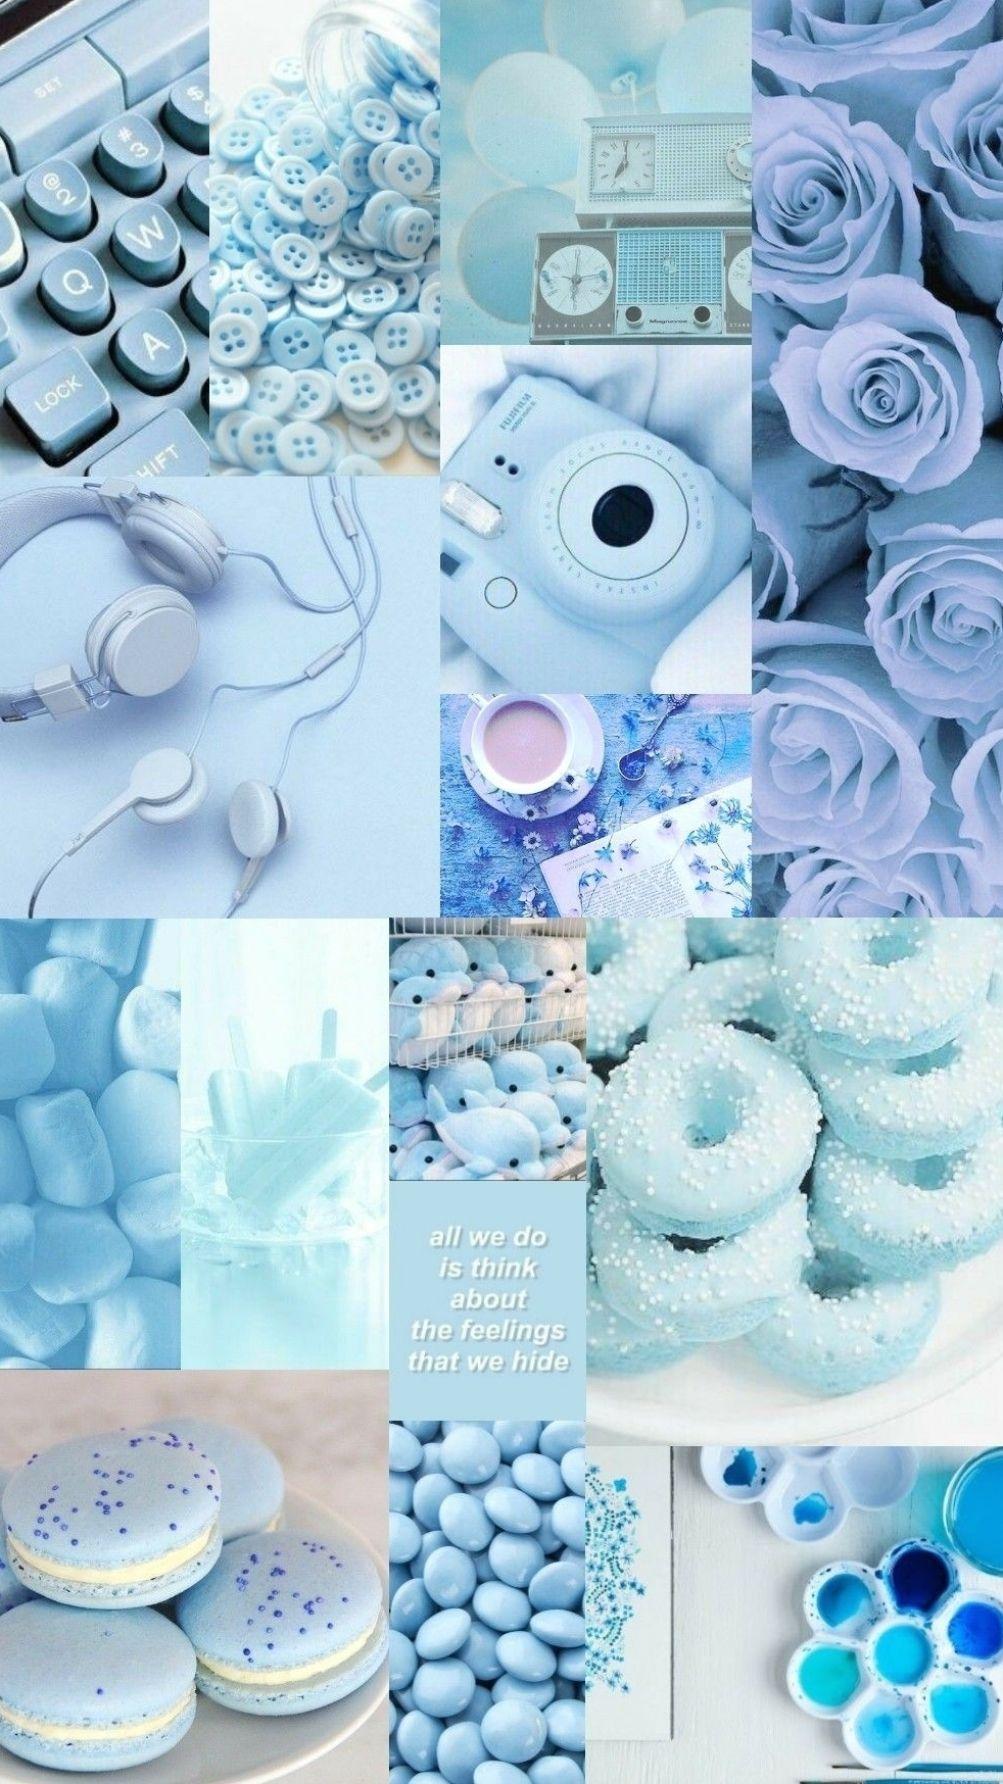 Aesthetic pastel blue 6+ Aesthetic Christmas Wallpaper Desktop 2020